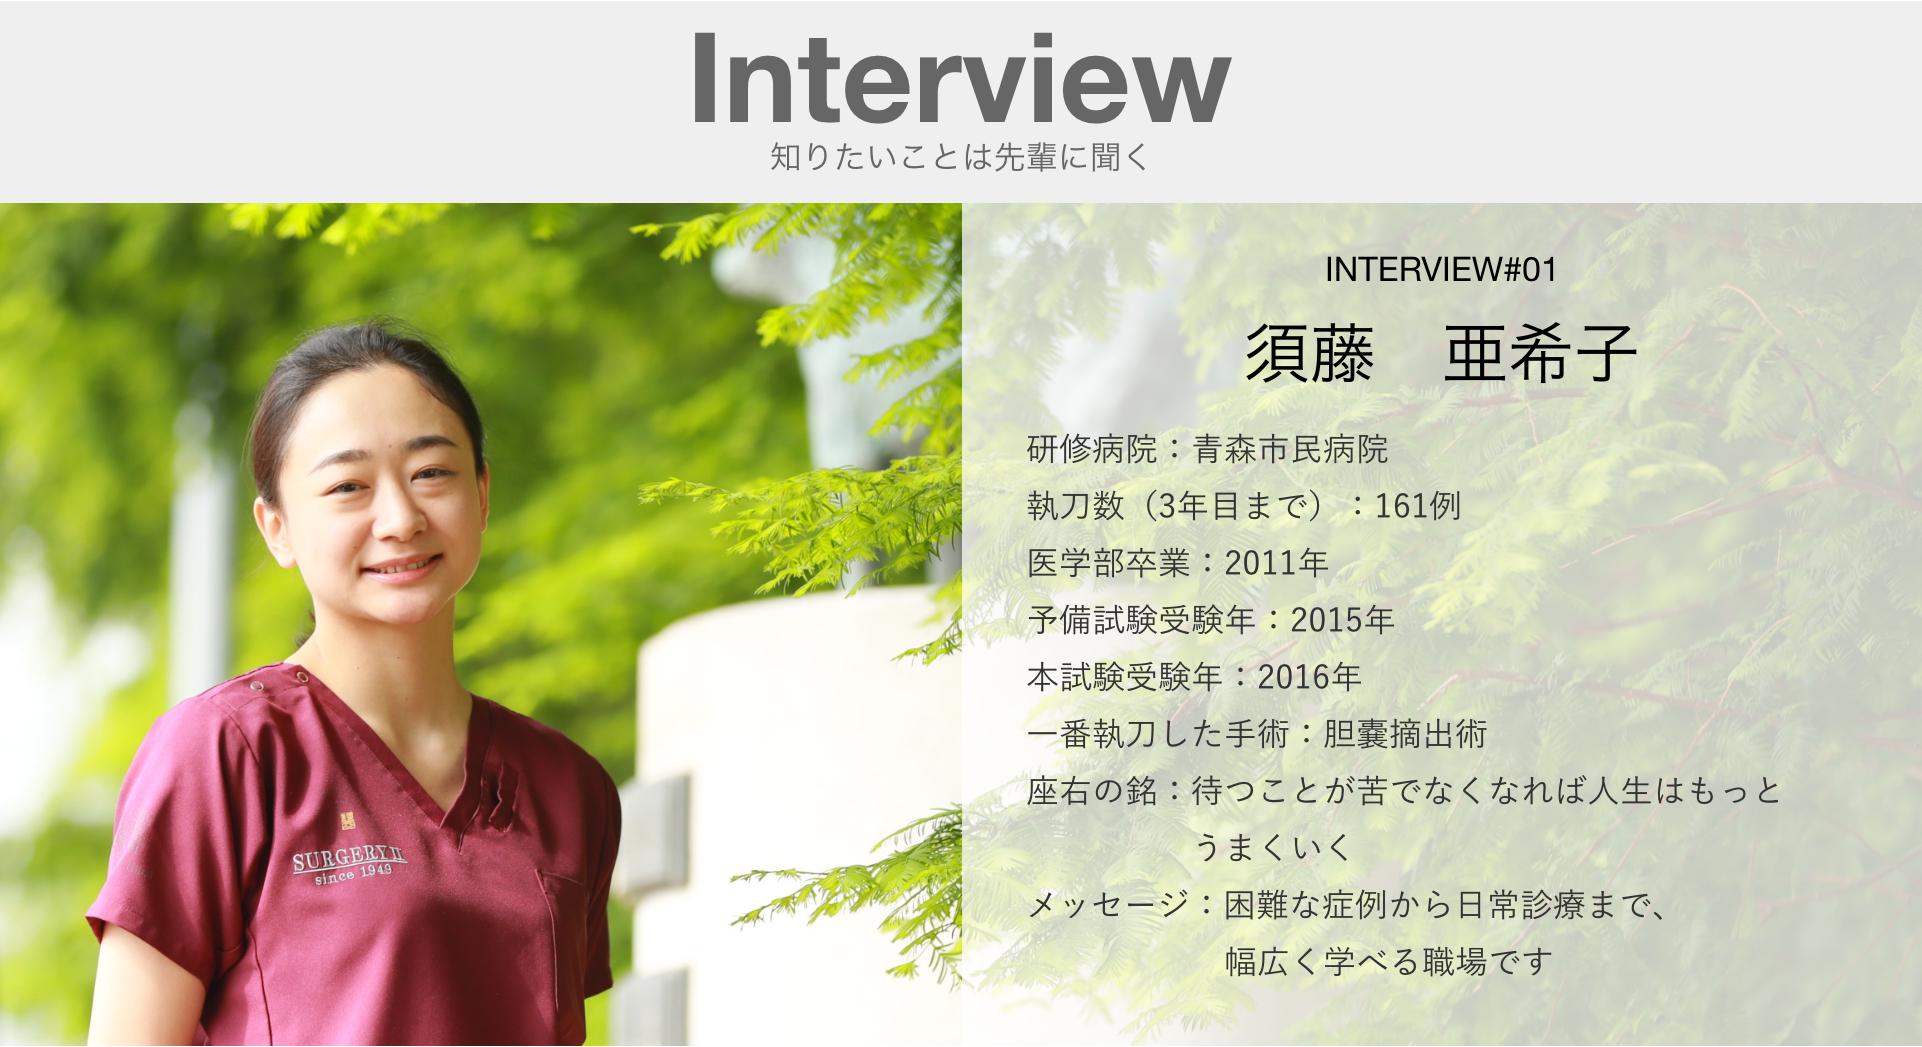 須藤先生プロフィール